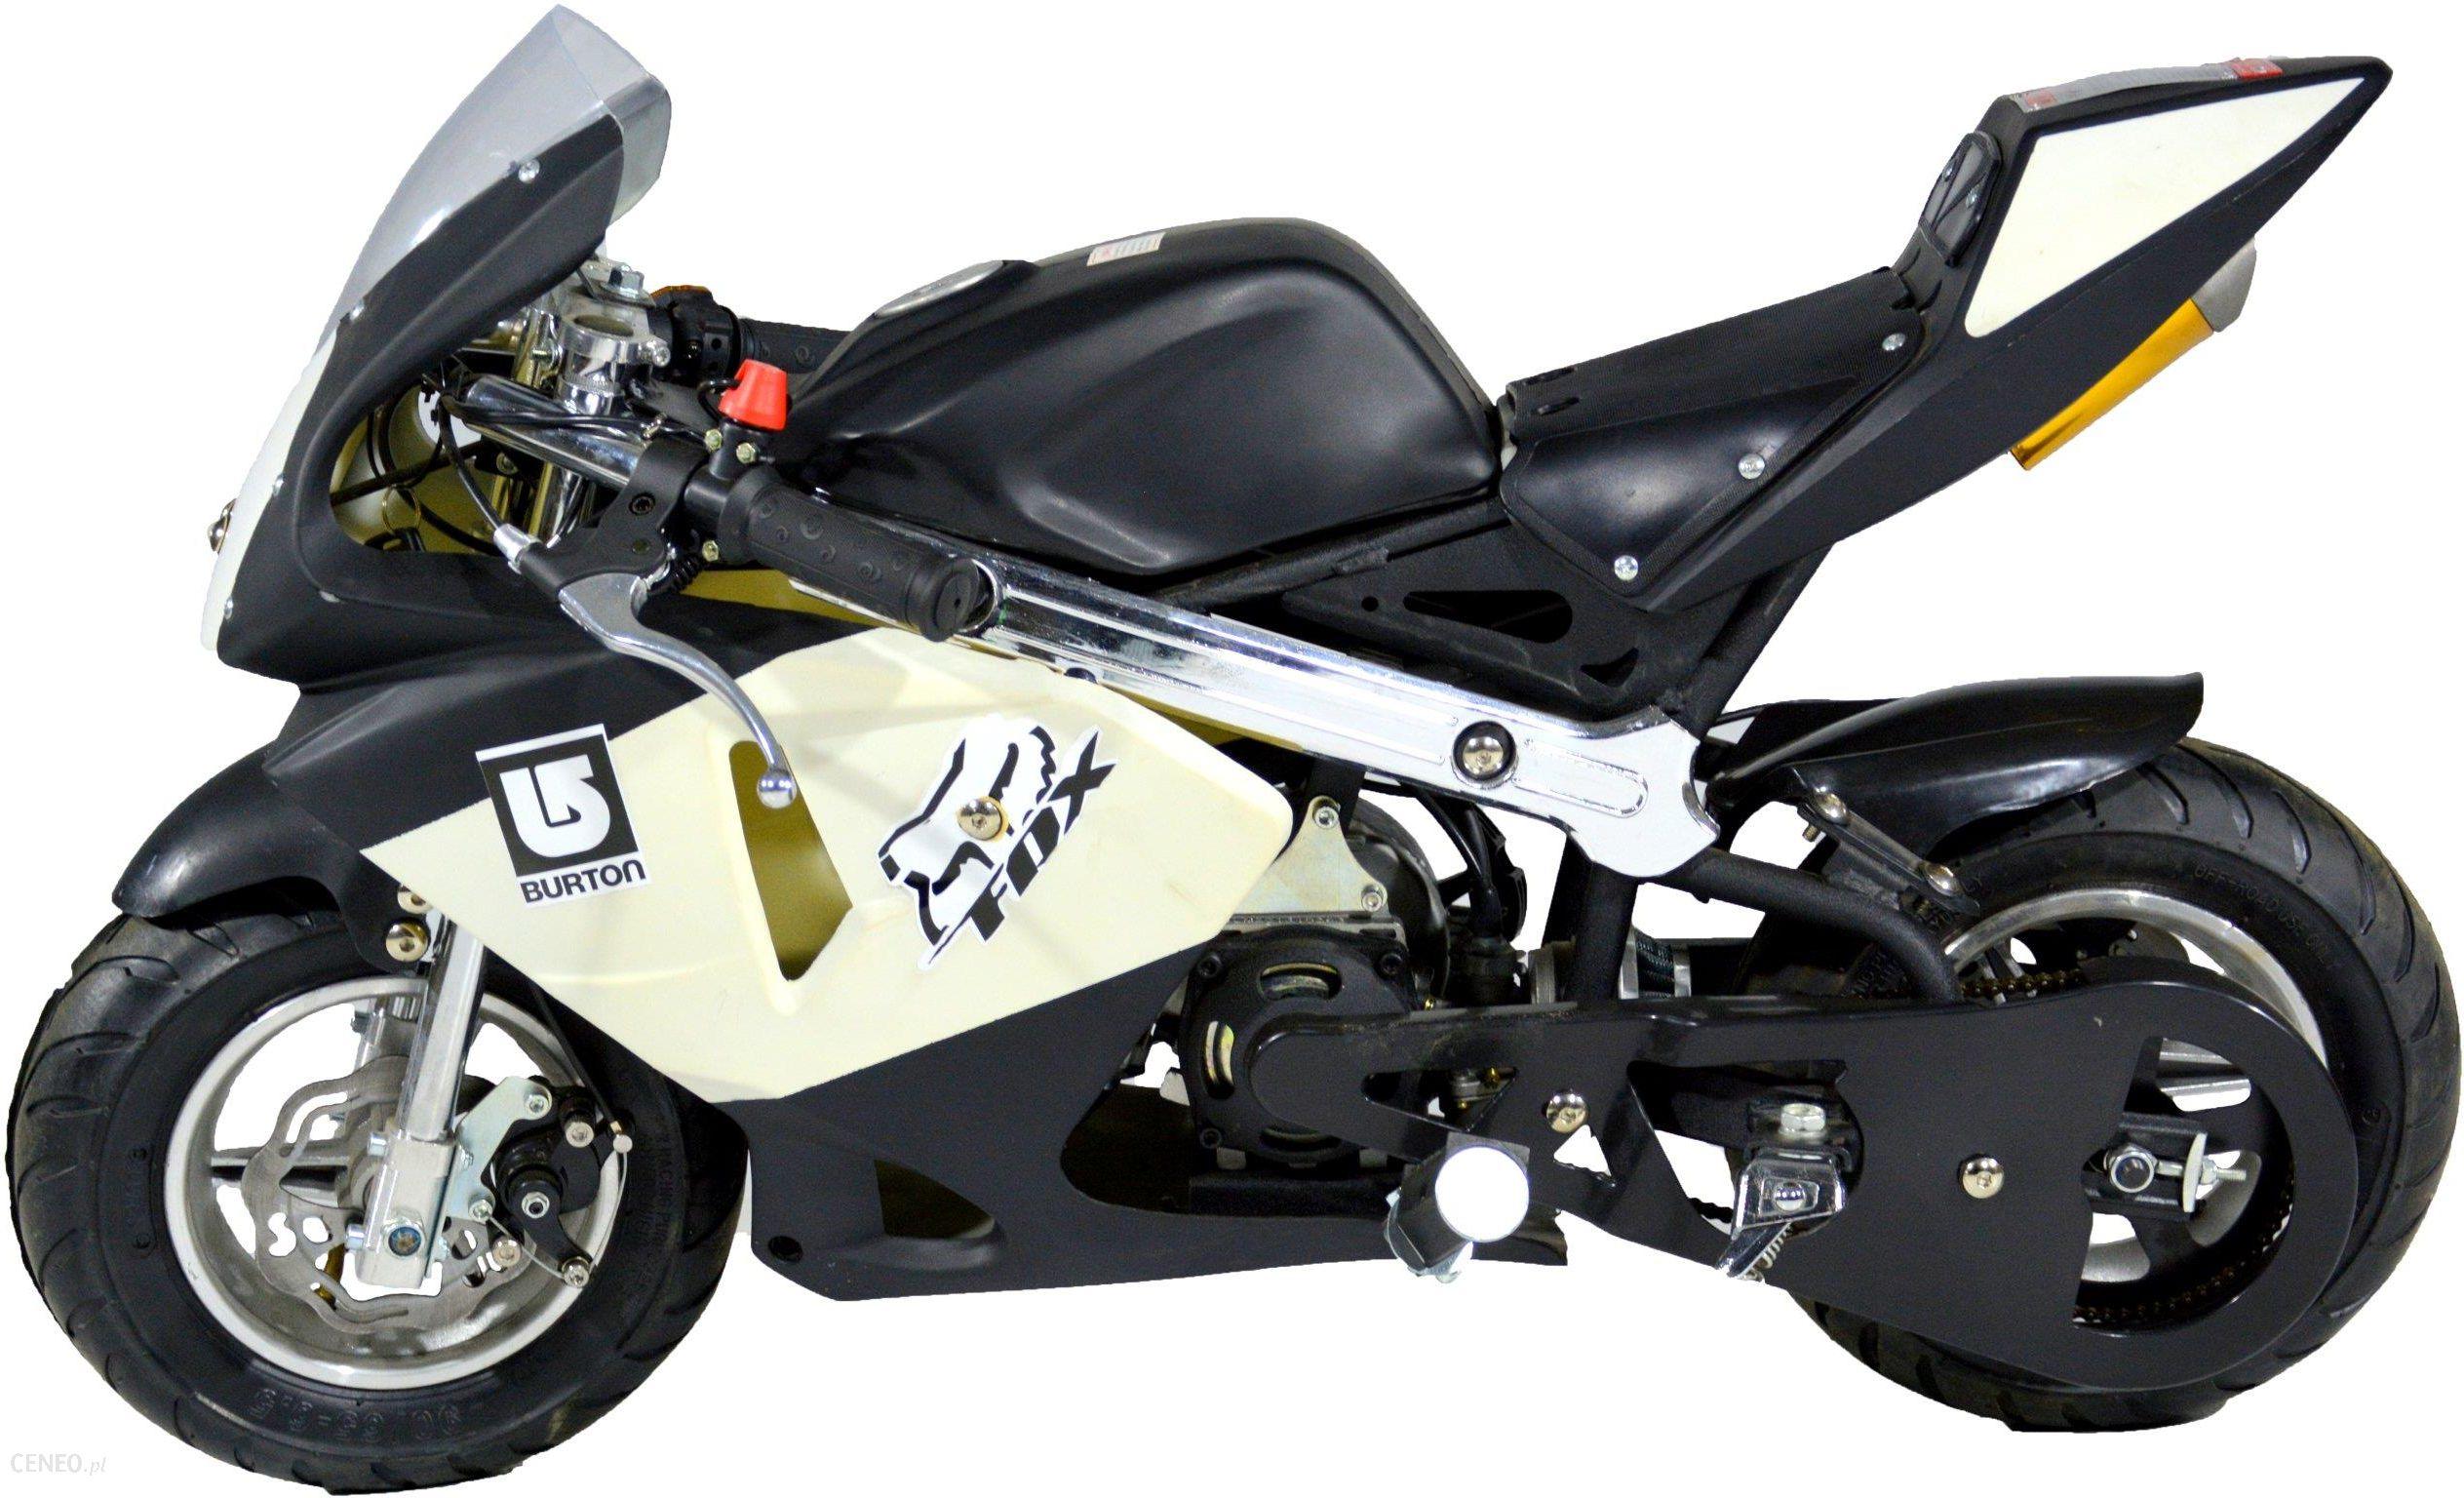 Najnowsze POCKET BIKE MINI ŚCIGACZ 50 MOTOR DLA DZIECKA - Opinie i ceny na GB61